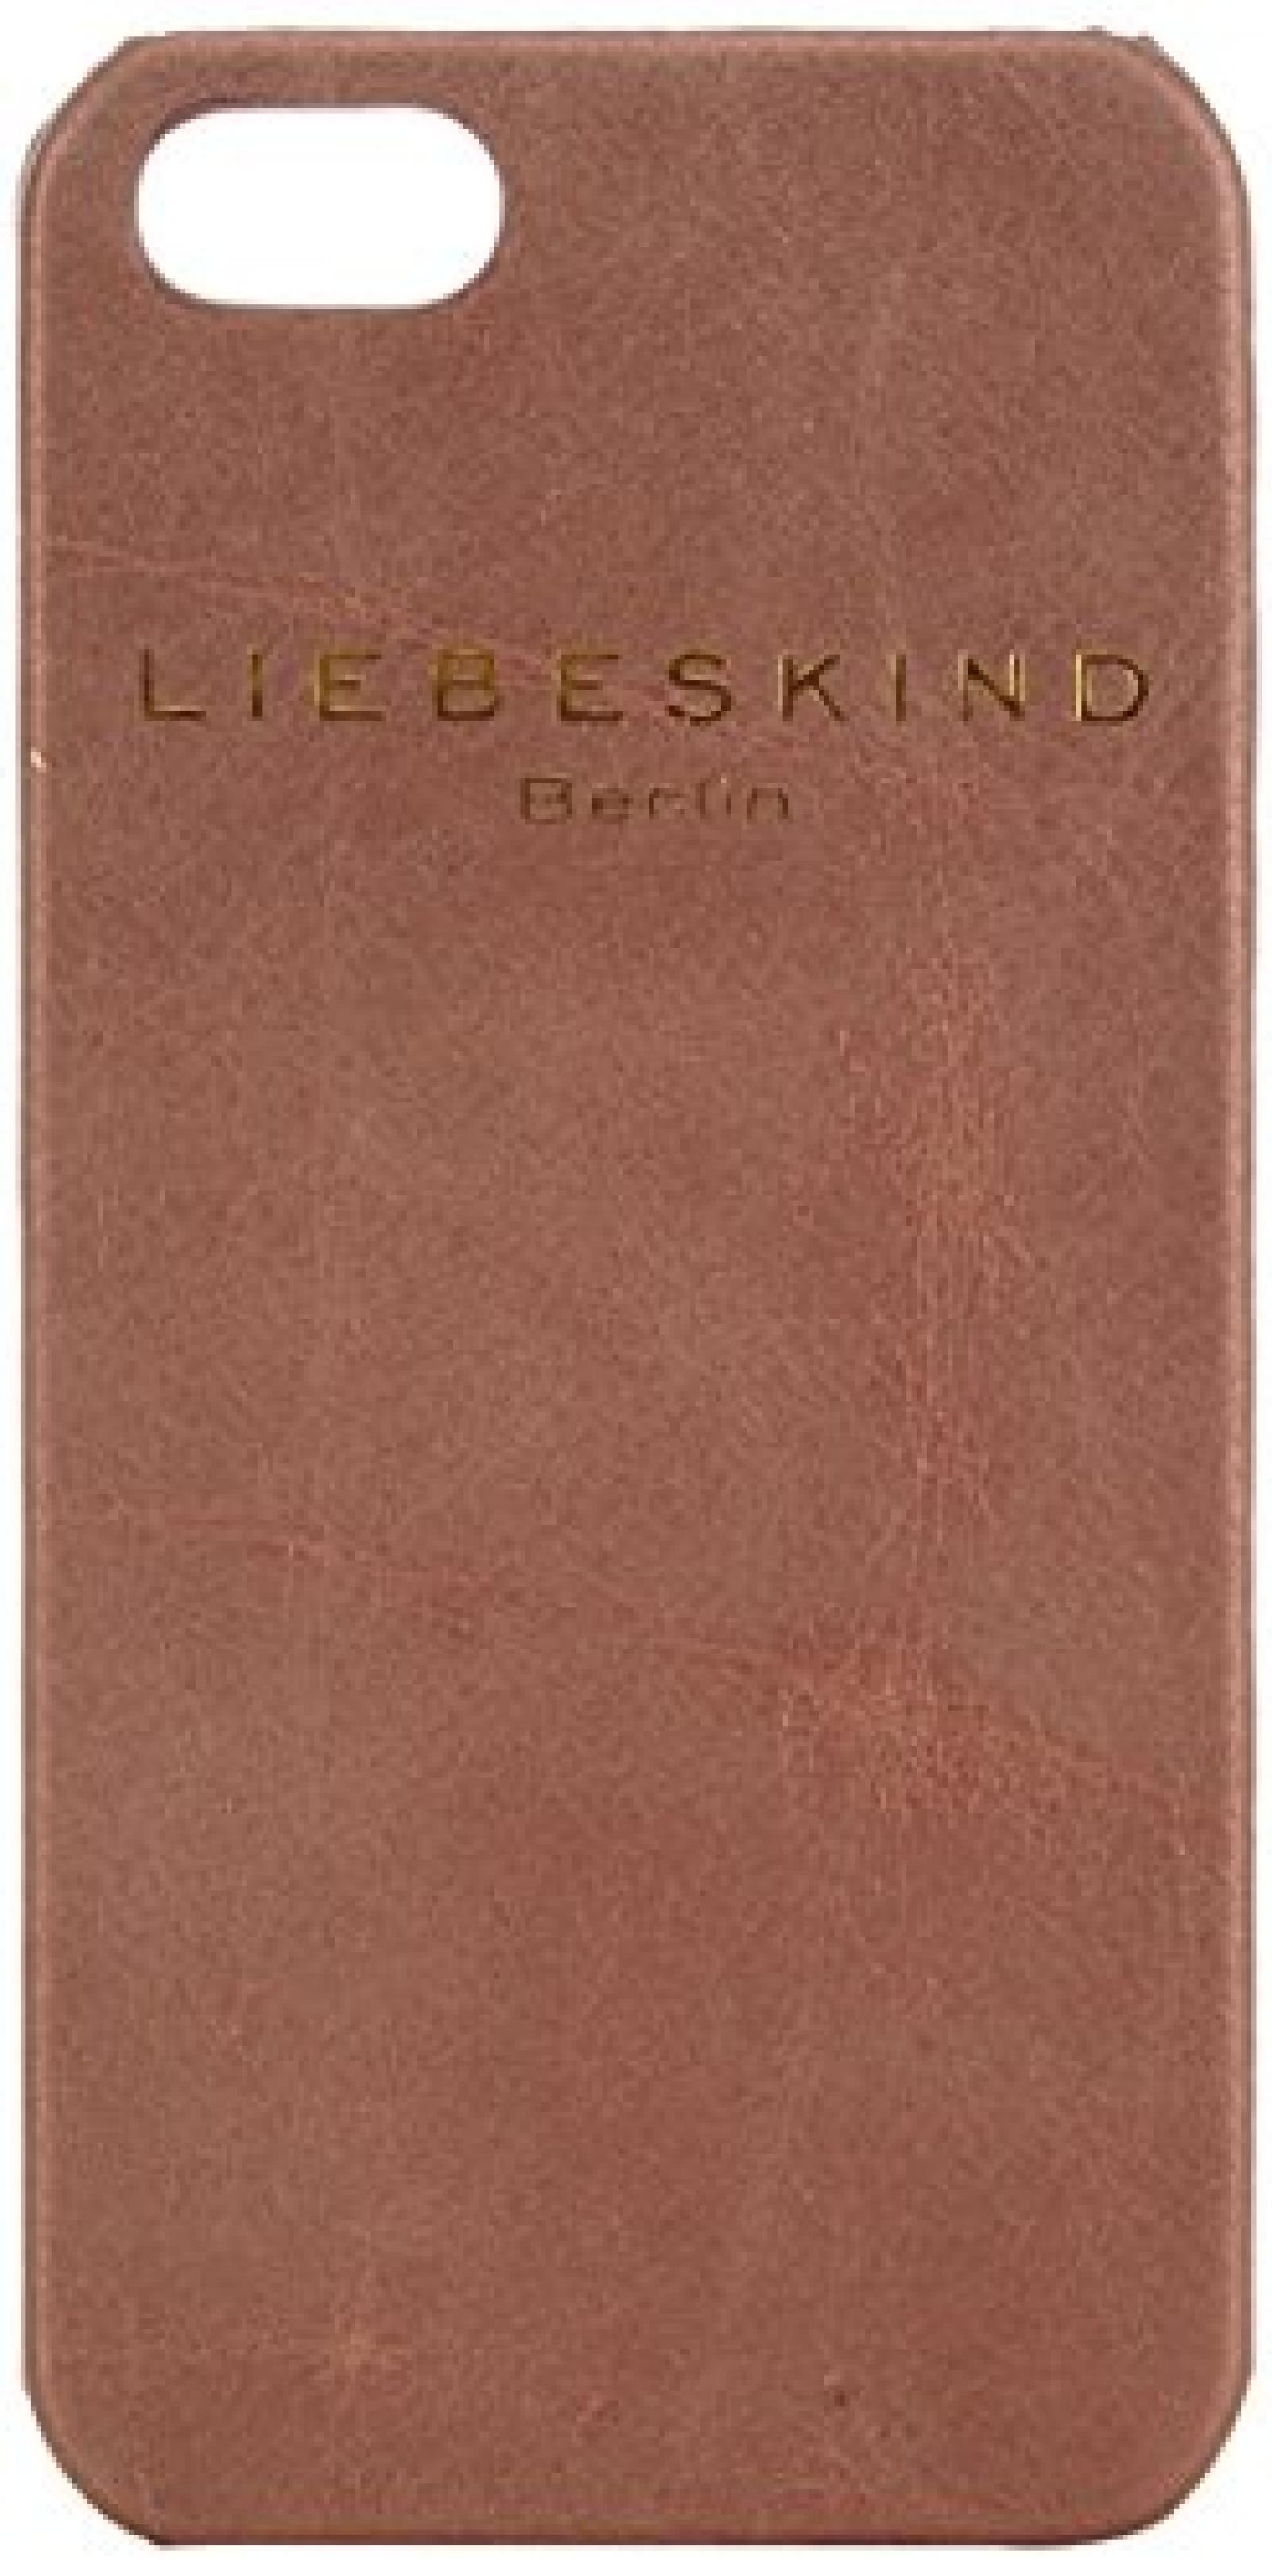 Liebeskind Berlin Mobilecap5 5003849002 Damen Taschenorganizer 6x13x1 cm (B x H x T)